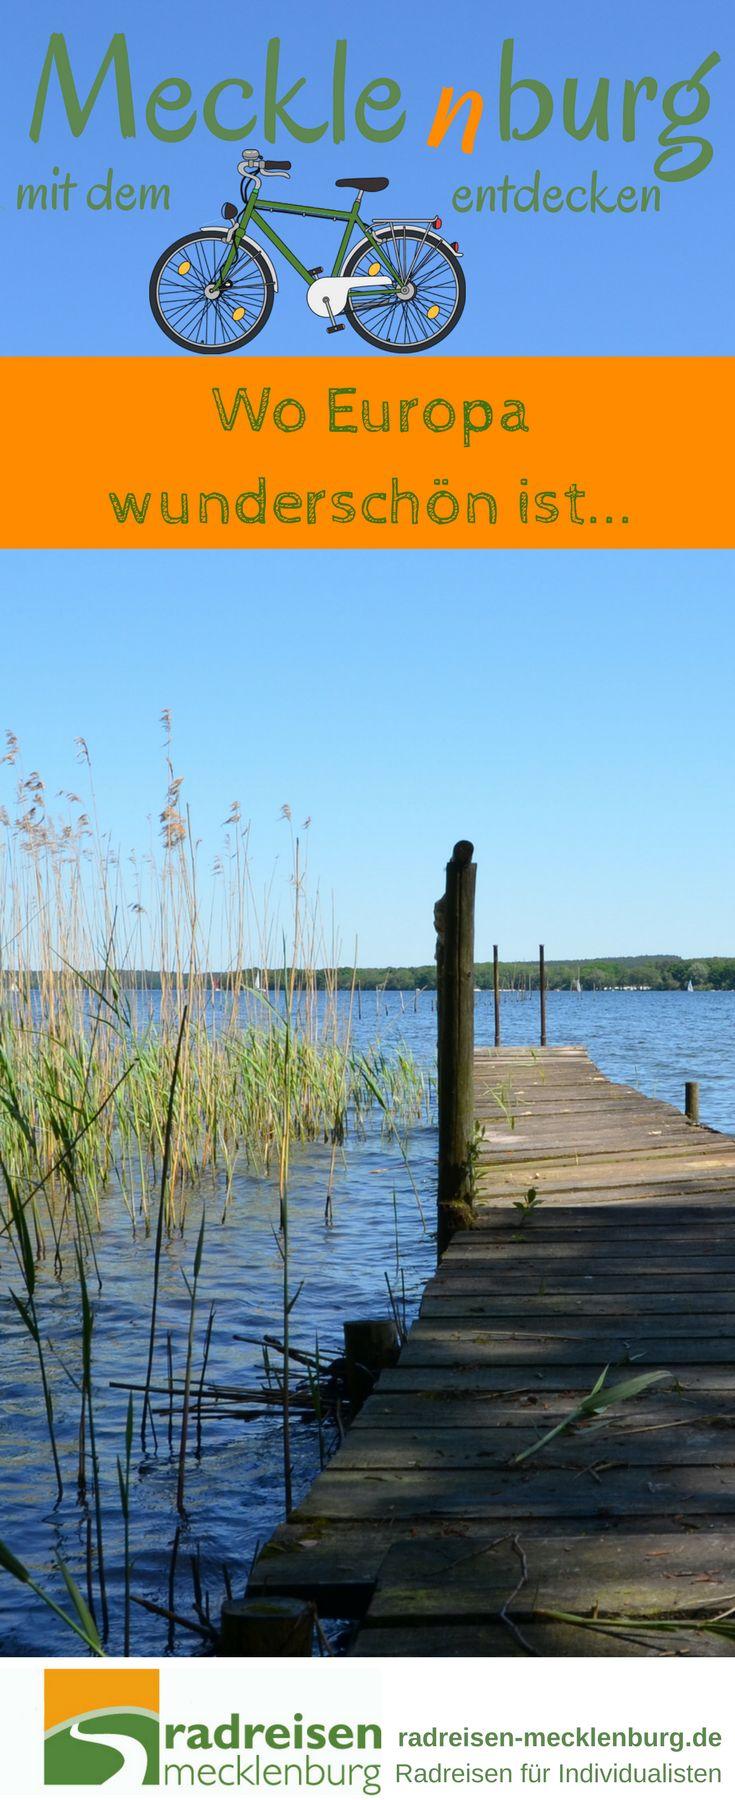 Entdecke in der Mitte Europas eine der schönsten Seenlandschaften, am besten mit dem #Fahrrad. #Mecklenburg #Deutschland #Reisetipp